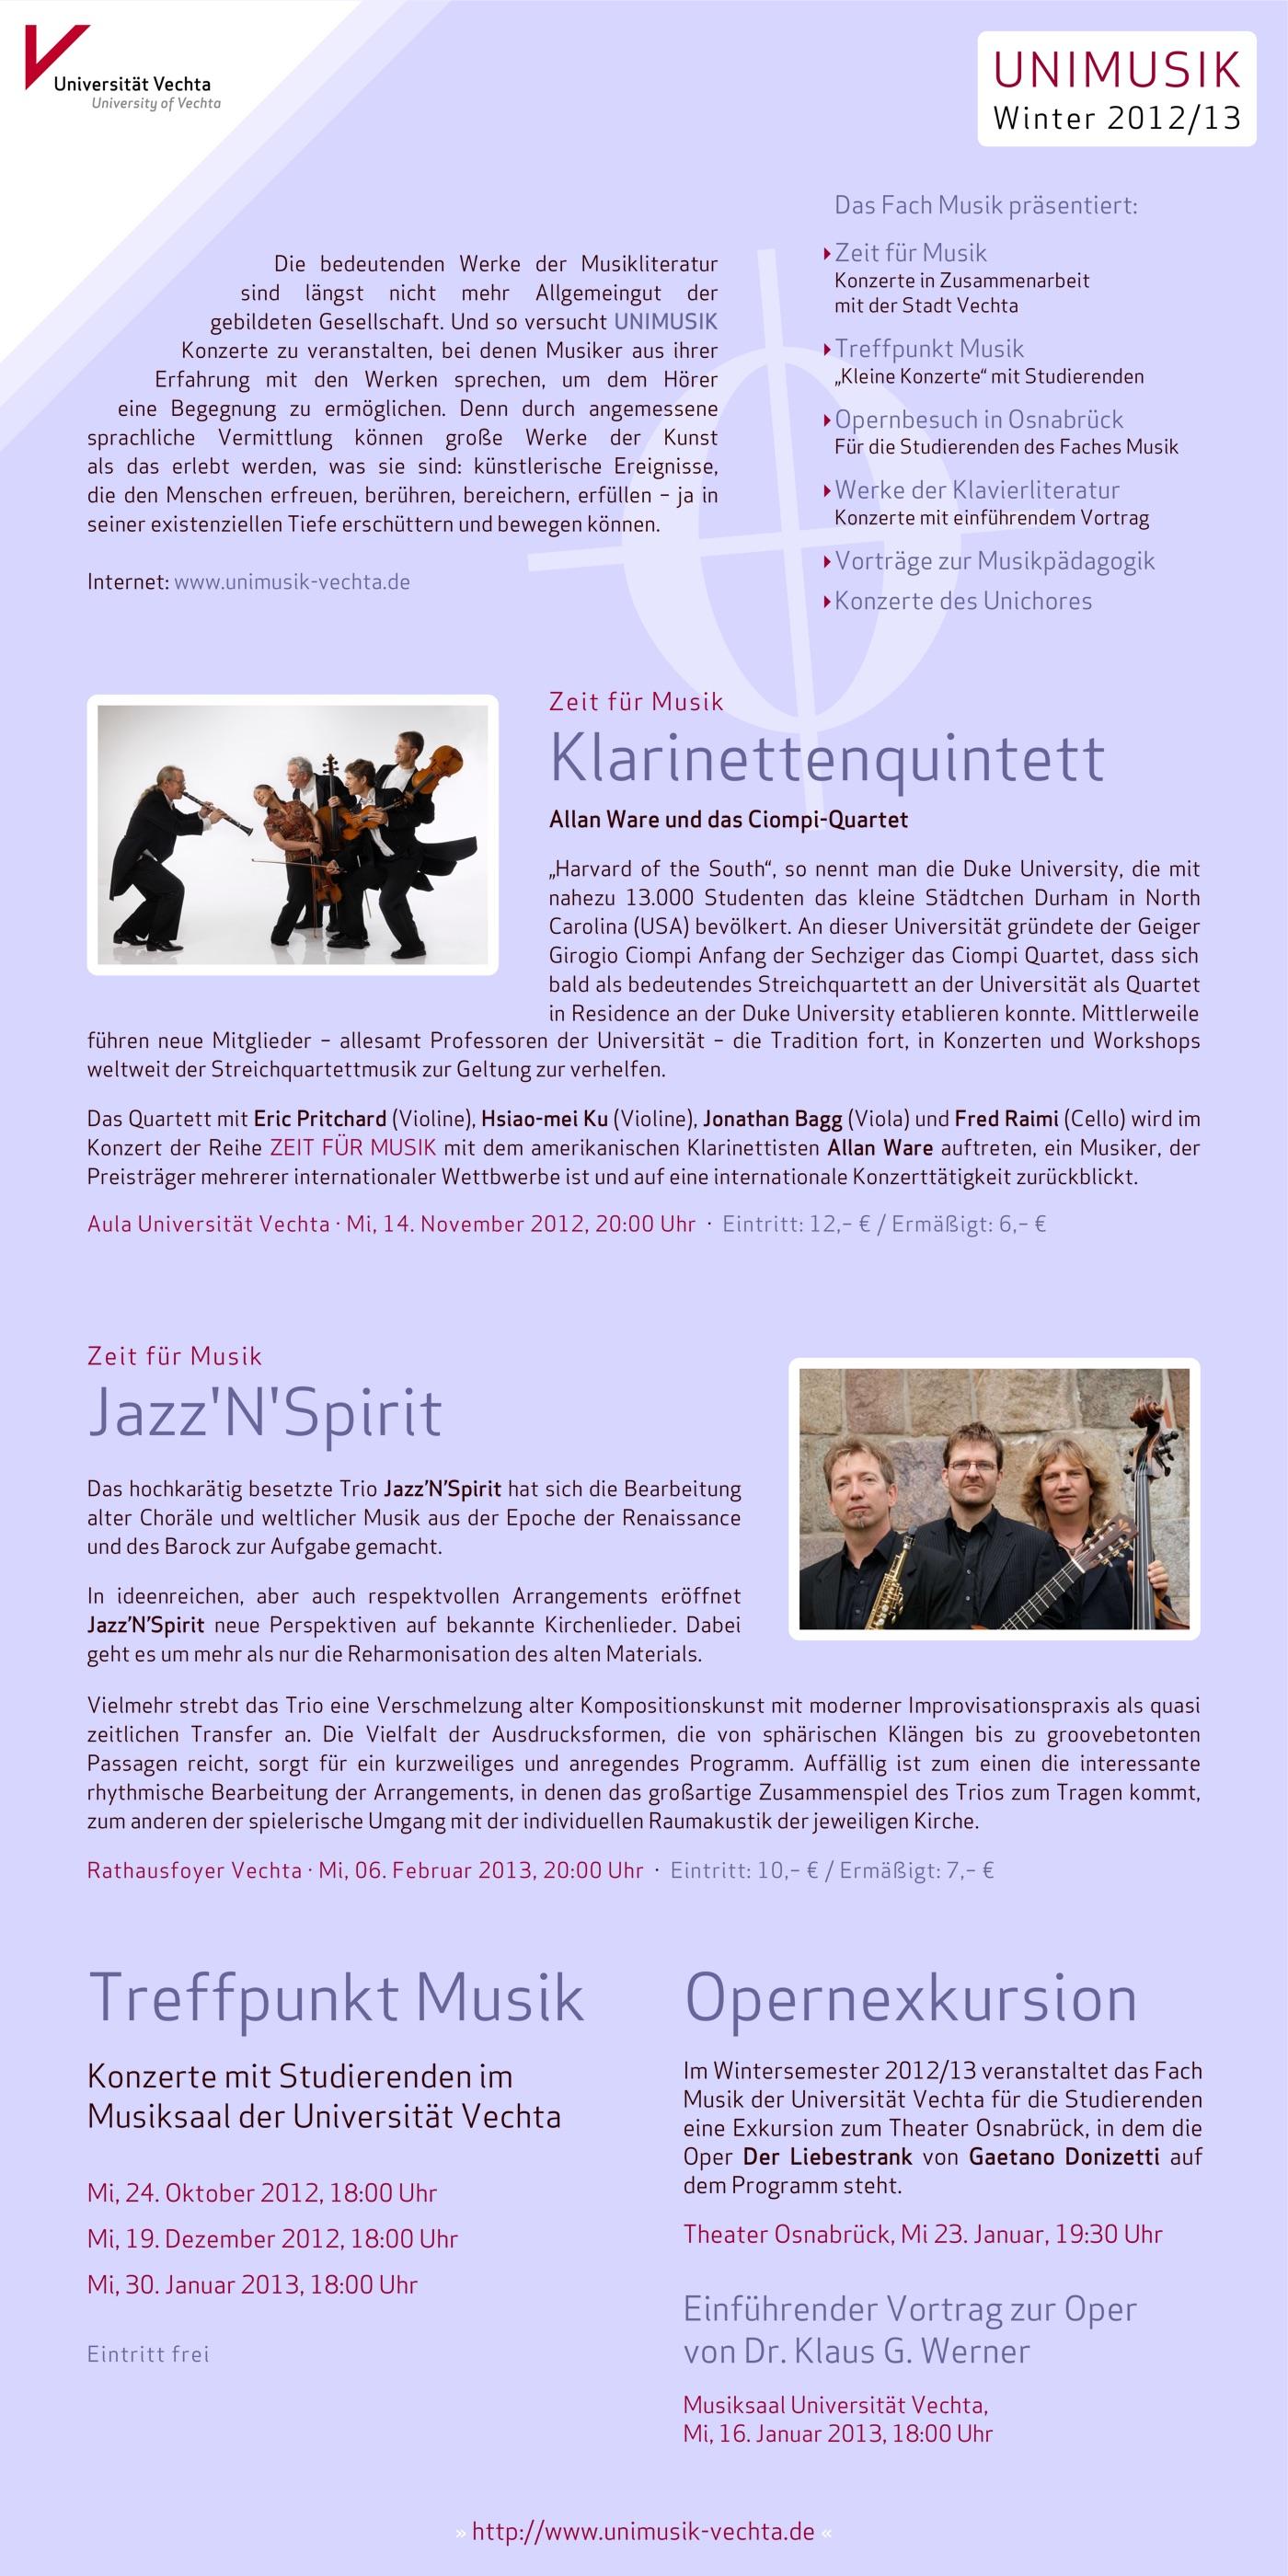 Flyer (Rückseite) und Plakat · UNIMUSIK · Winter 2012/13